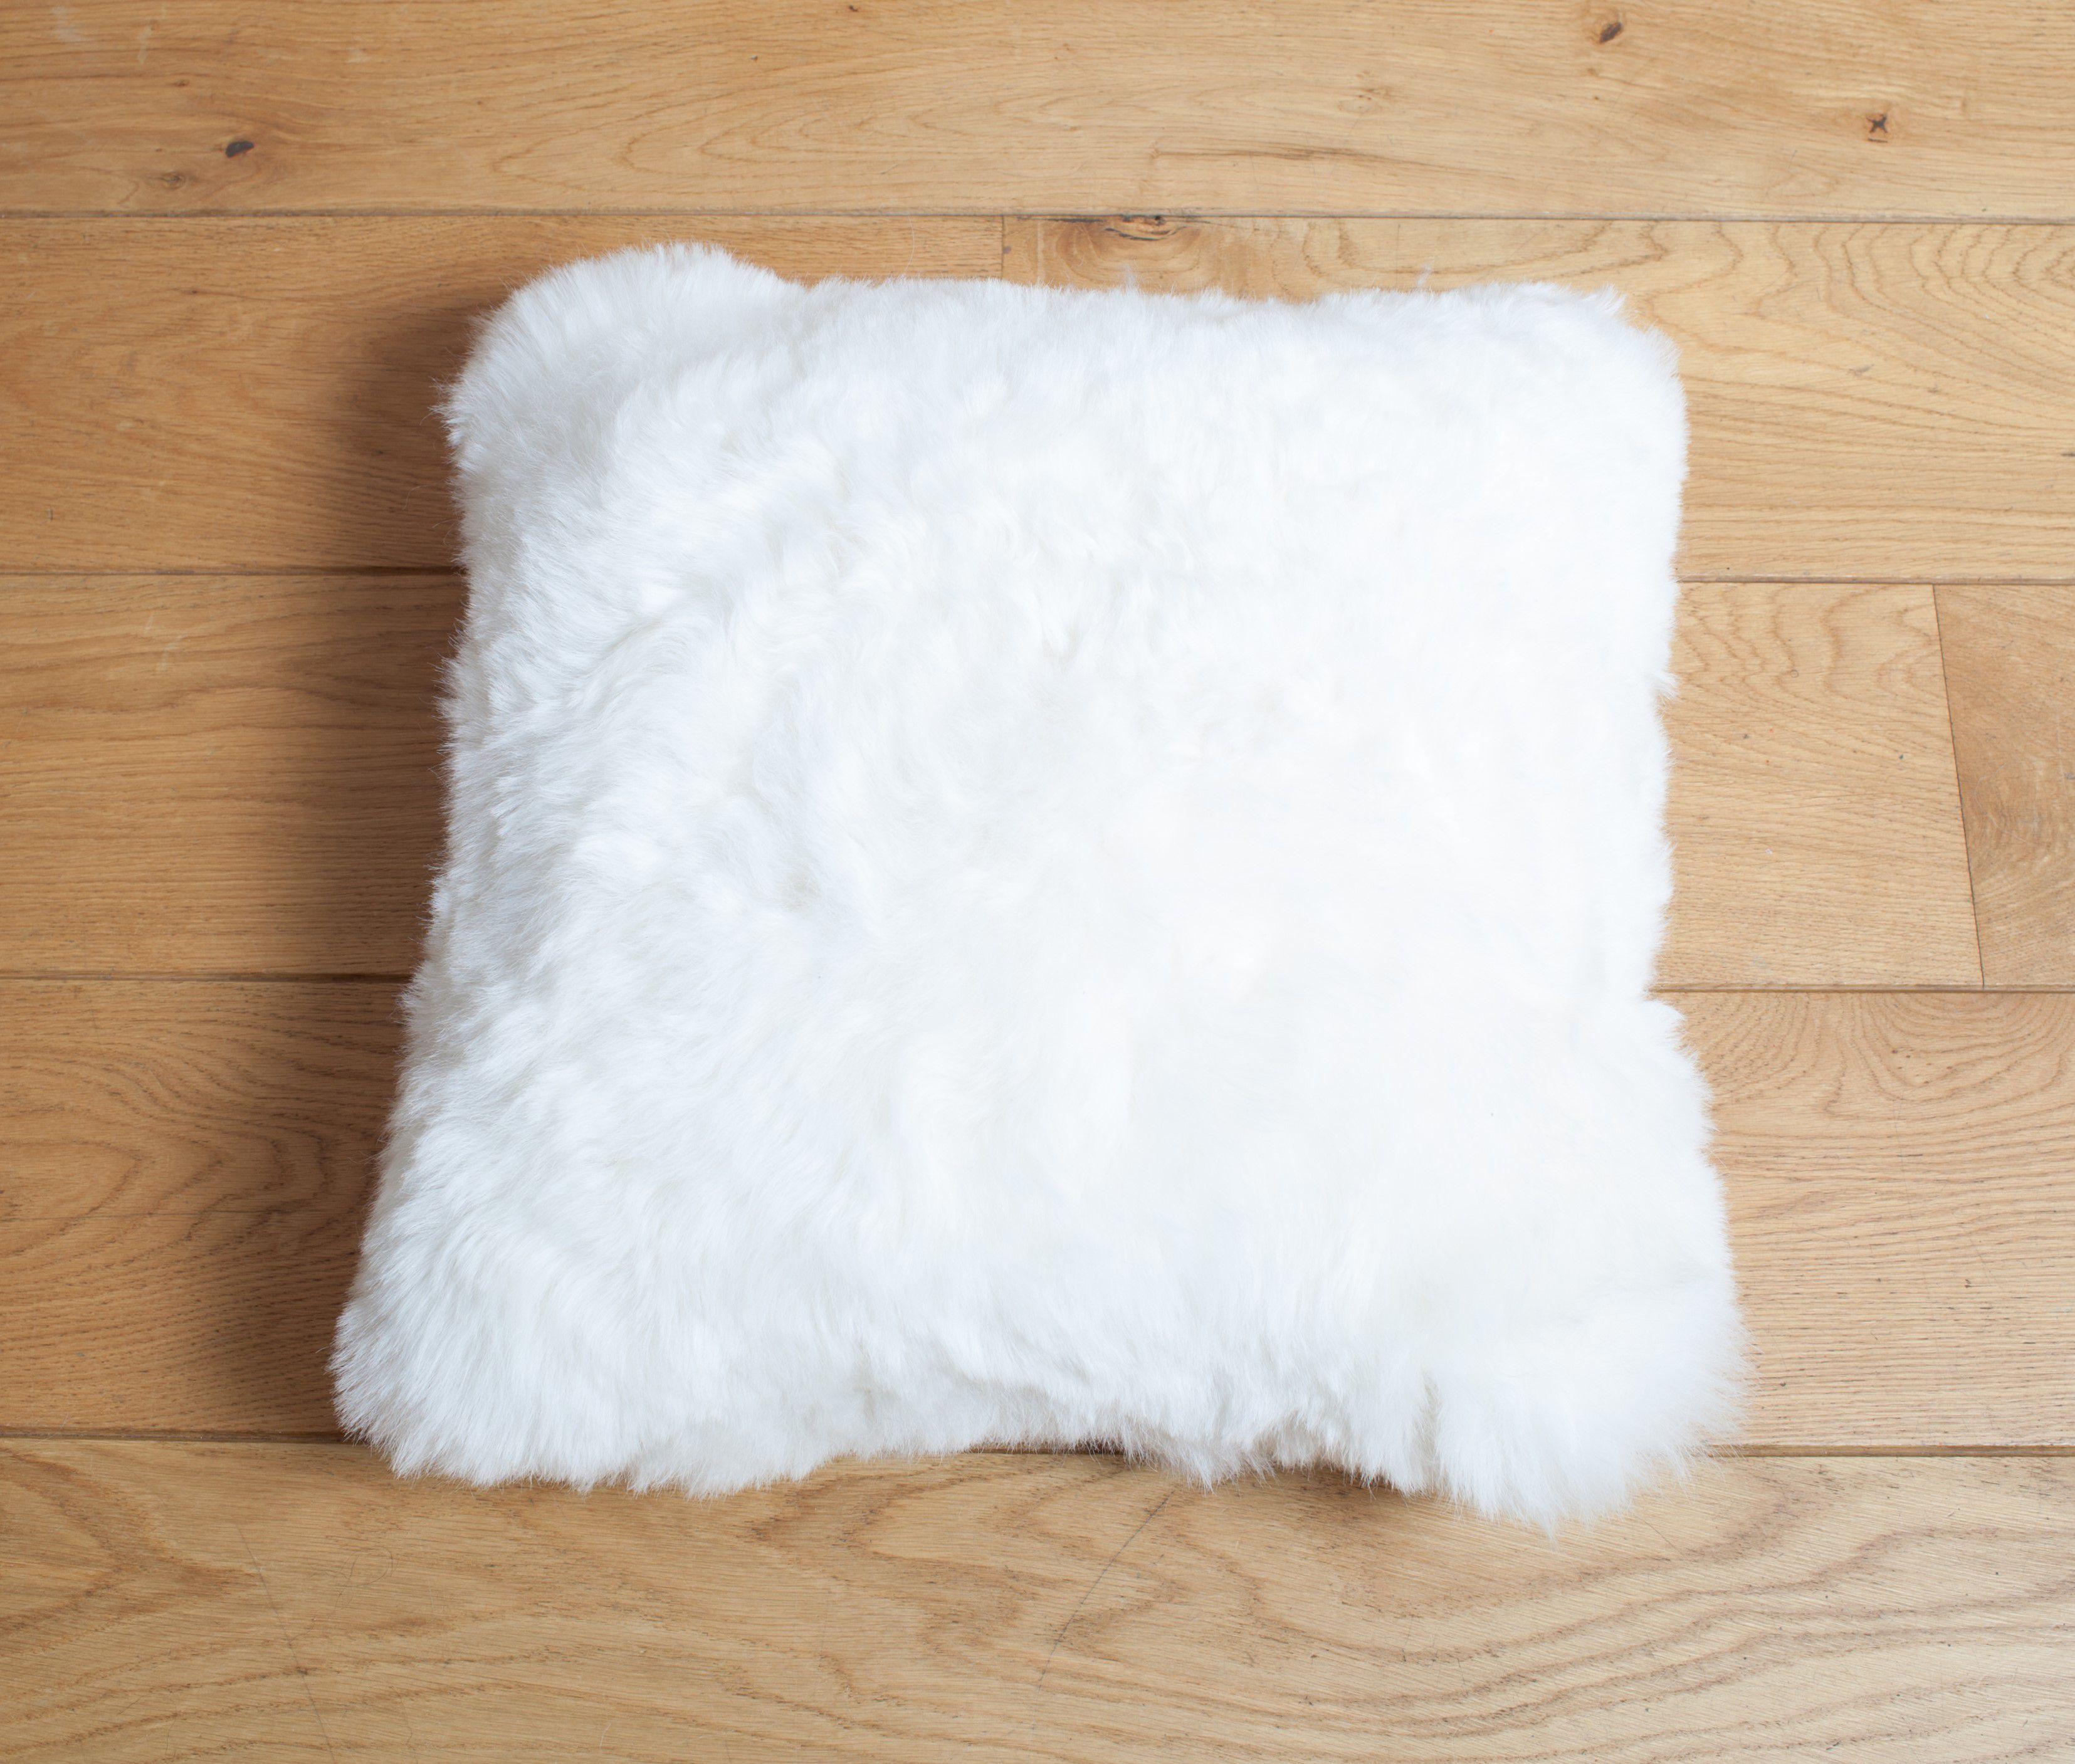 Sheepskin Cushion Shorn White